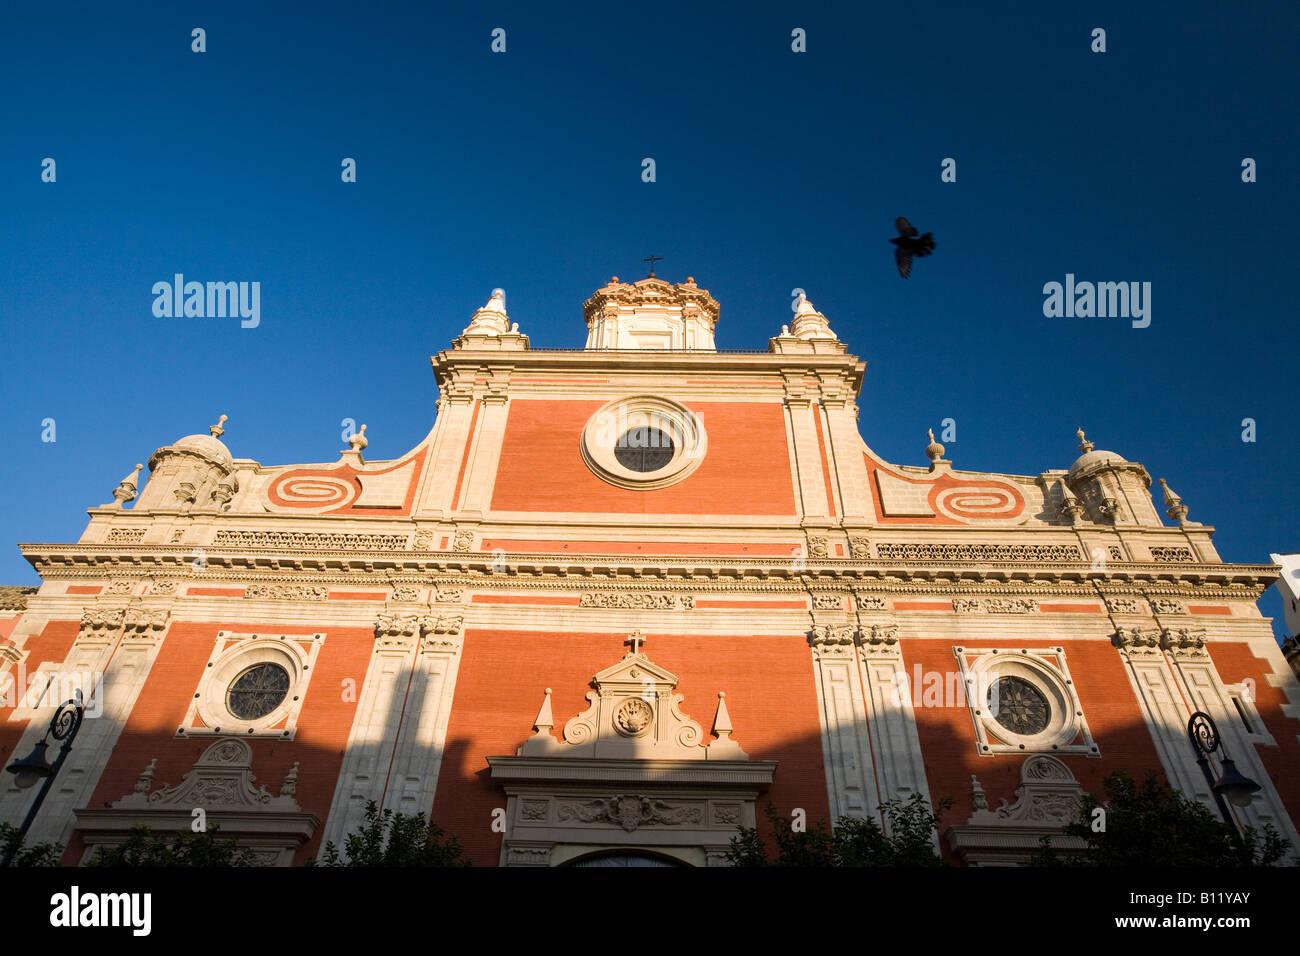 Fachada de la iglesia del Salvador, Sevilla, España Imagen De Stock